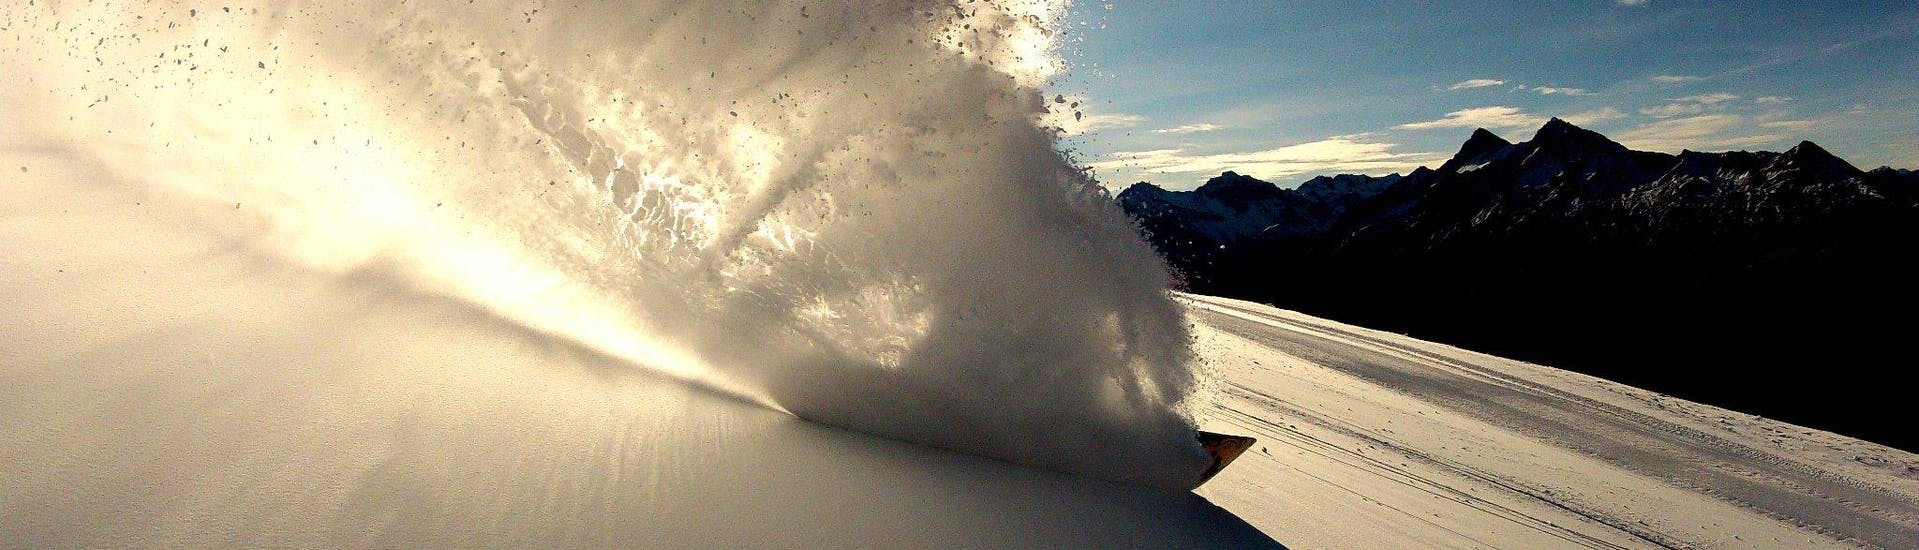 Moniteur de Snowboard Privé - Tous Niveaux & Âges avec École Suisse de Ski Obersaxen - Hero image